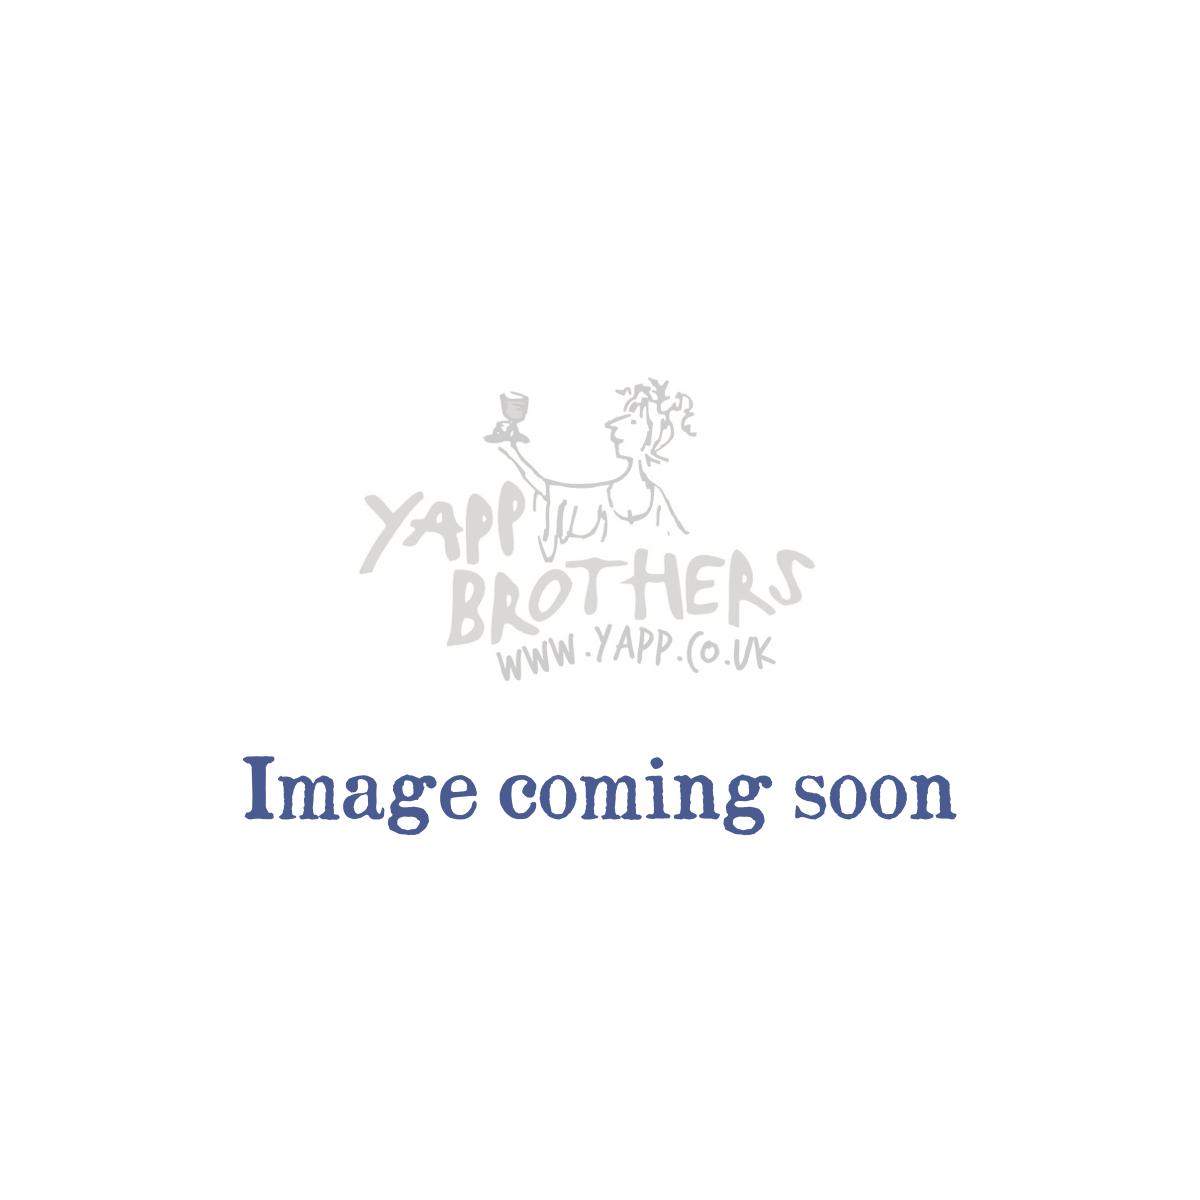 Nuits-Saint-Georges: Domaine Bertagna Premier Cru 'Les Murgers' 2016 - Bottle Side Label